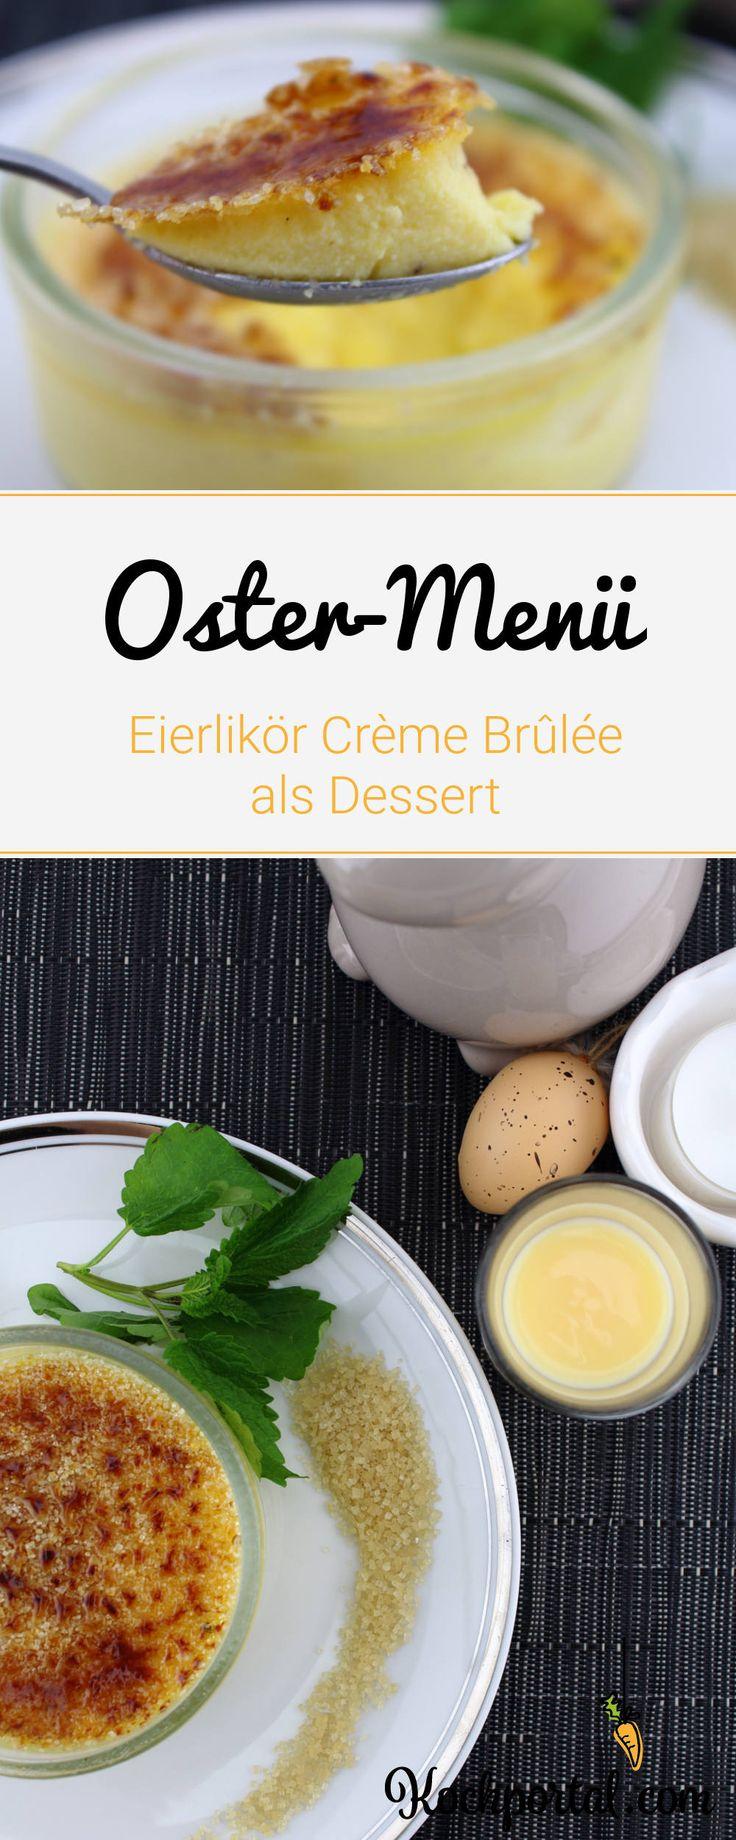 Ostermenü - Eierlikör Crème Brûlée als Dessert - Nachtisch - Ostern - Osteressen - Osterrezept - Süßspeise